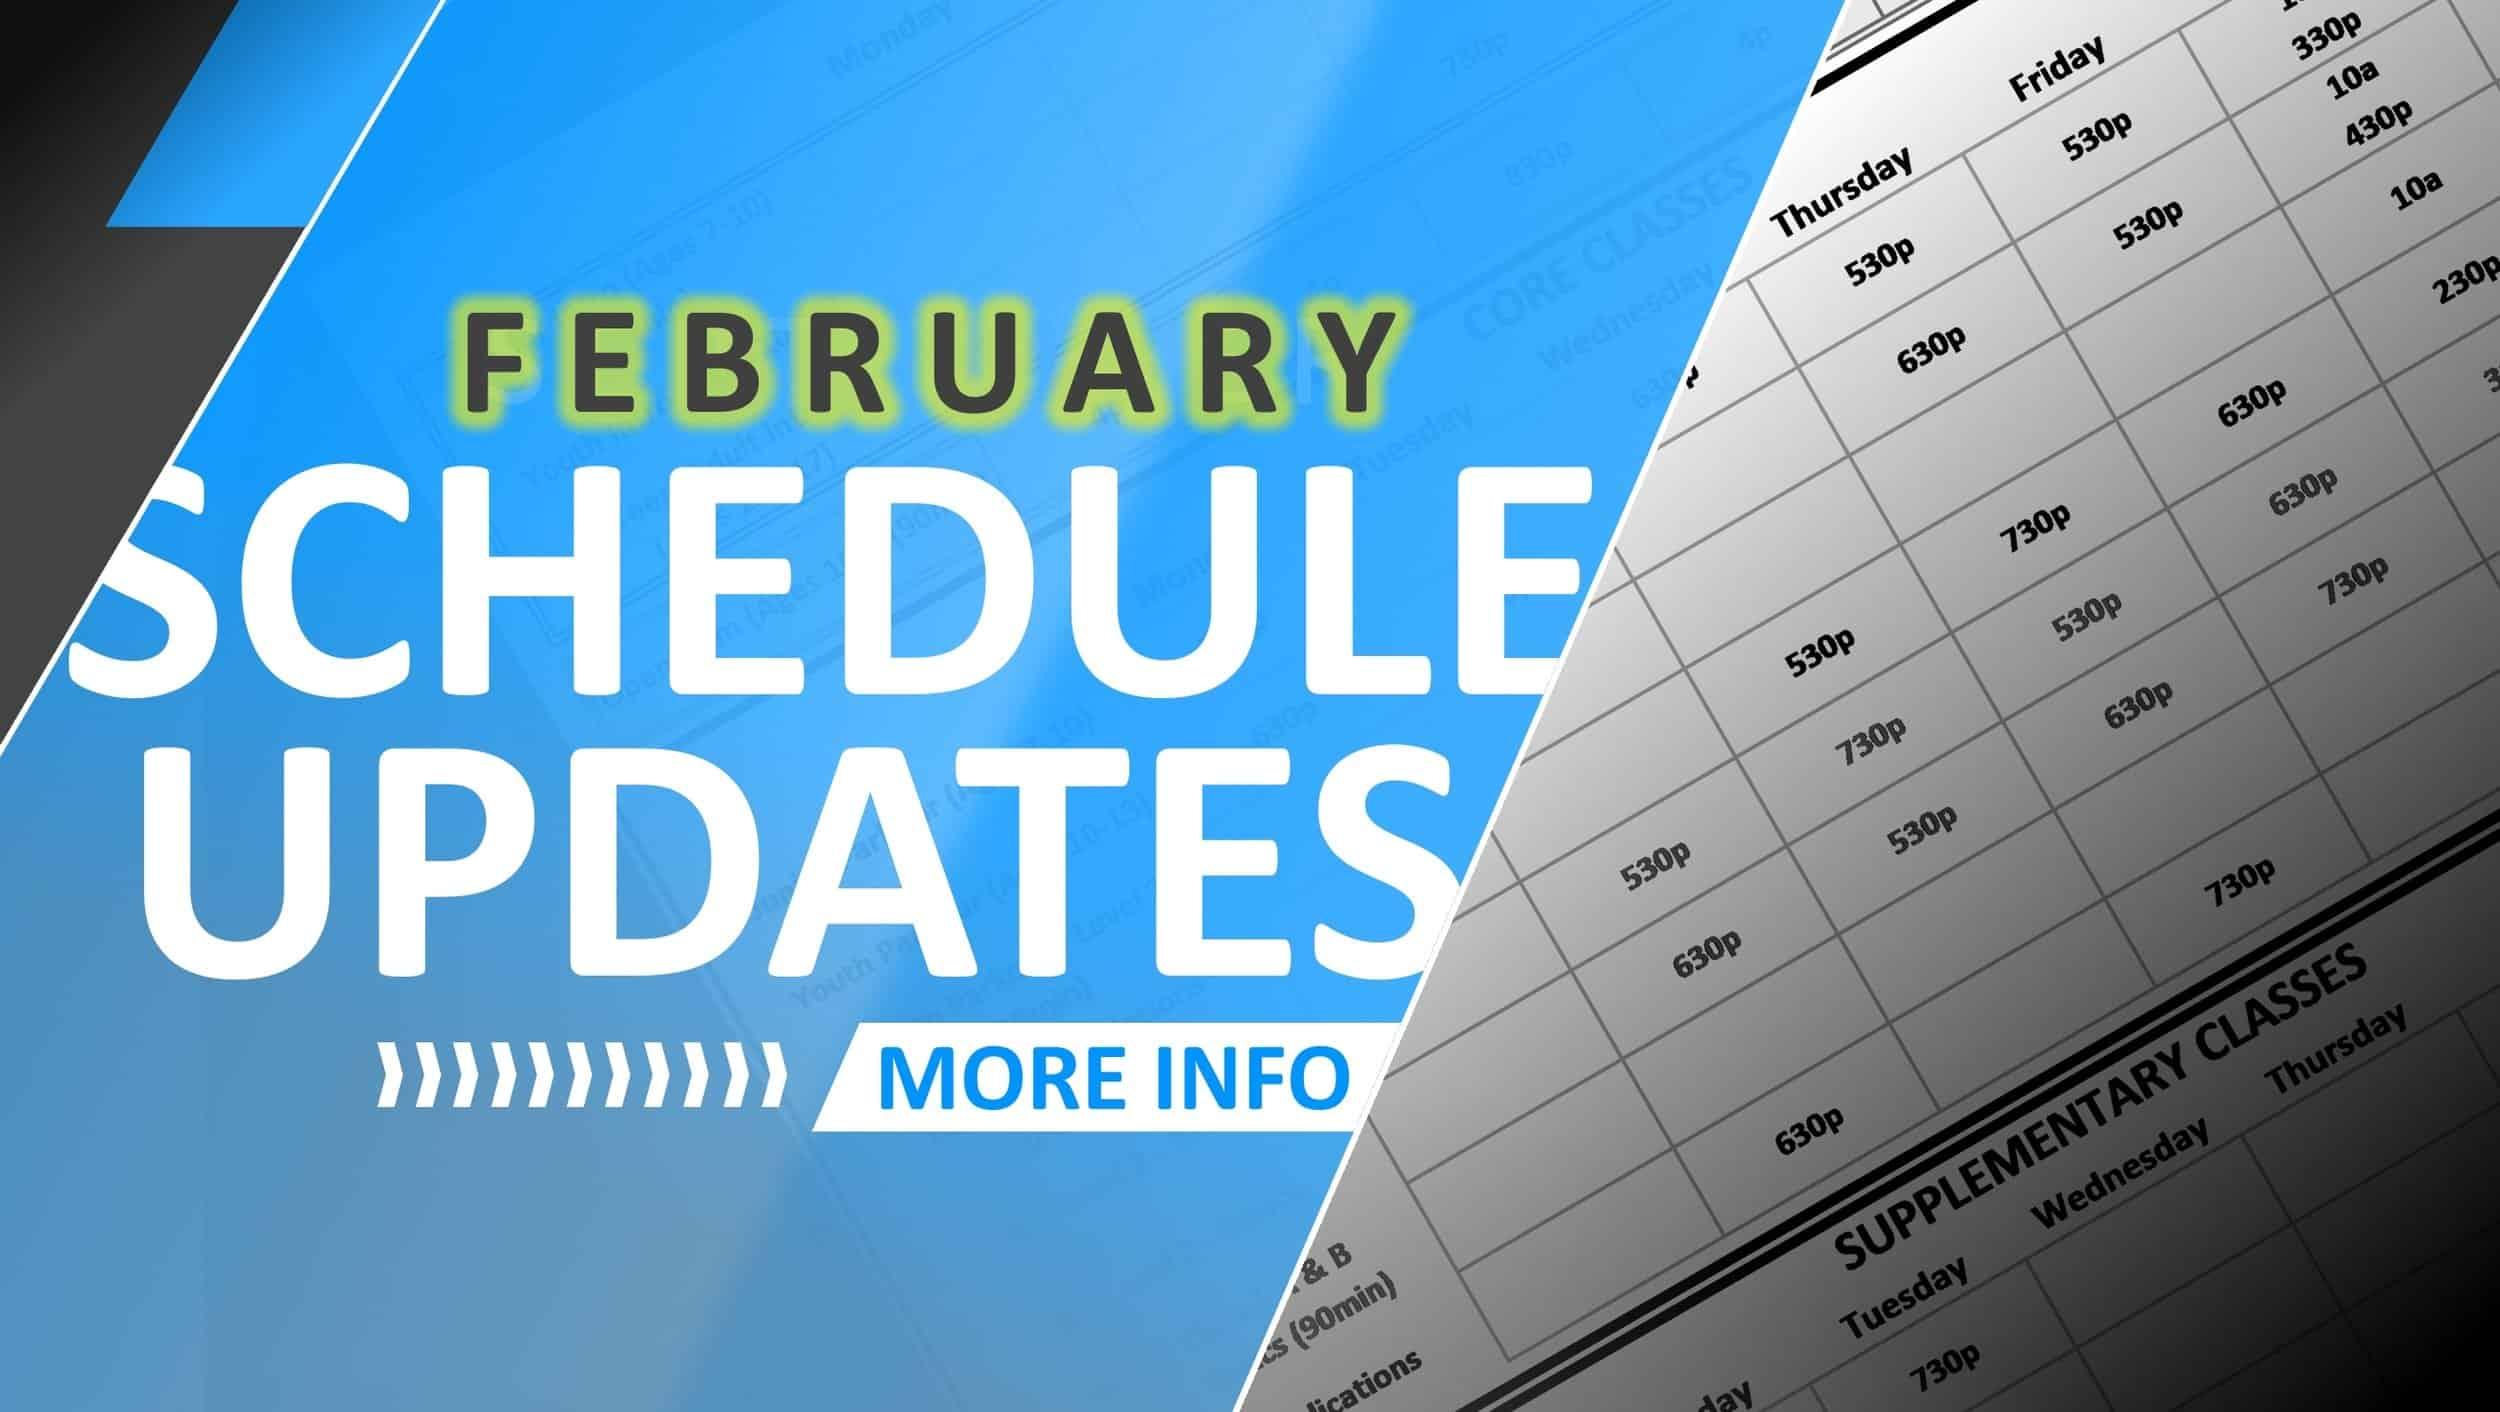 February 2019 Schedule Updates